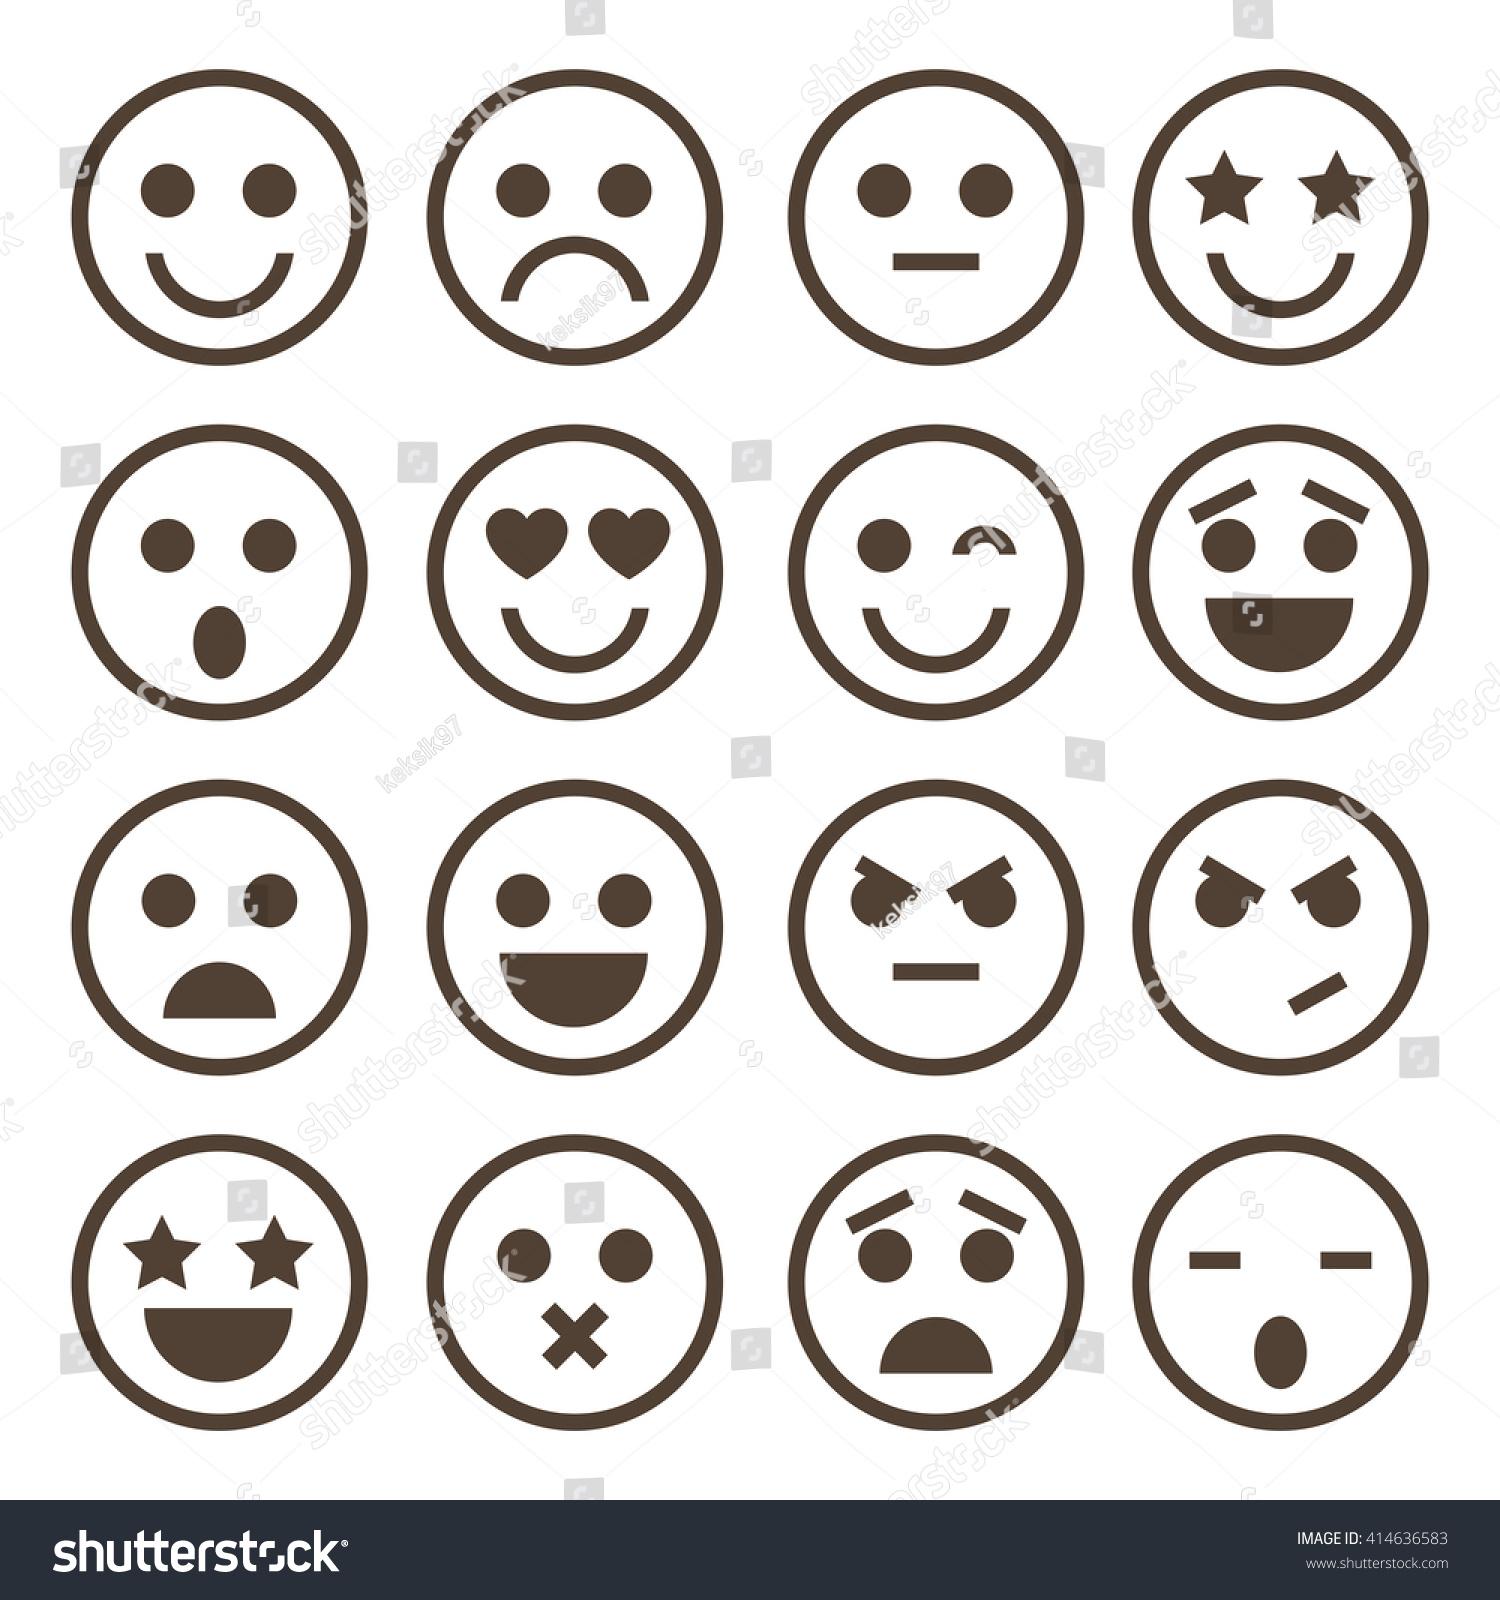 Emoji Vector Stock Vector 414636583 - Shutterstock